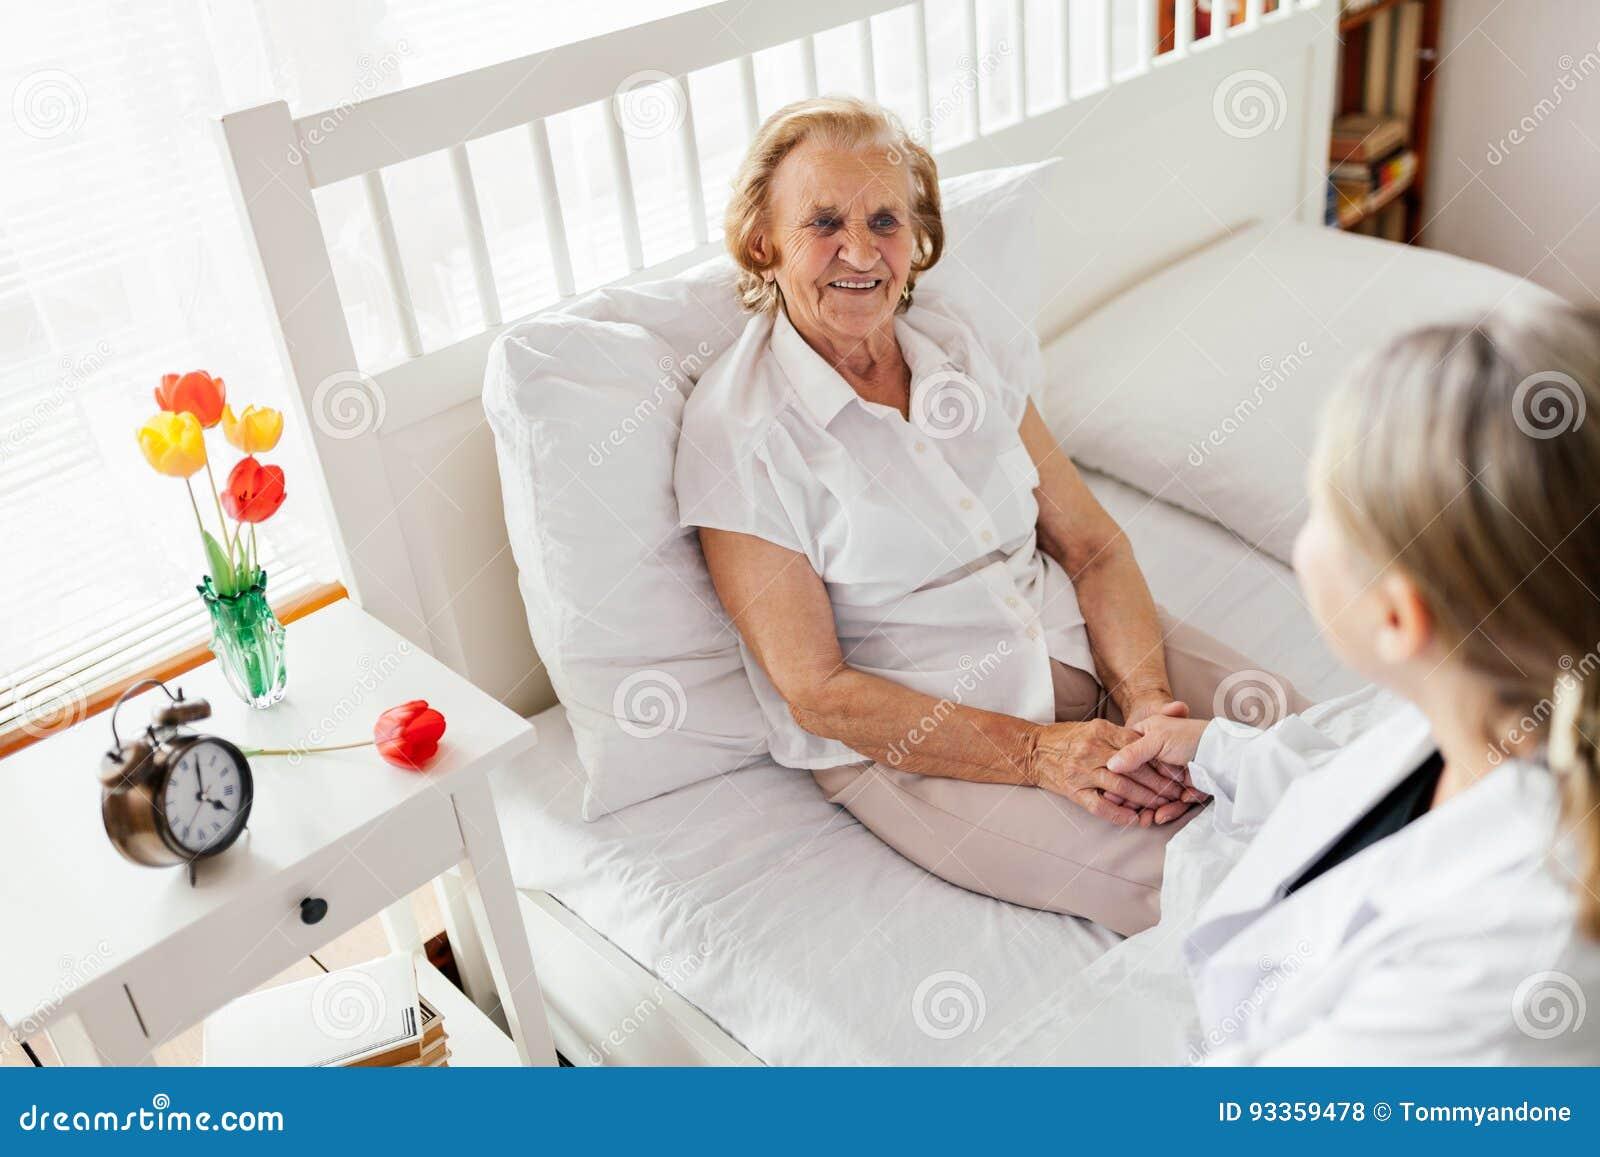 Фотографии пожилых людей дома дом престарелых фильм онлайн